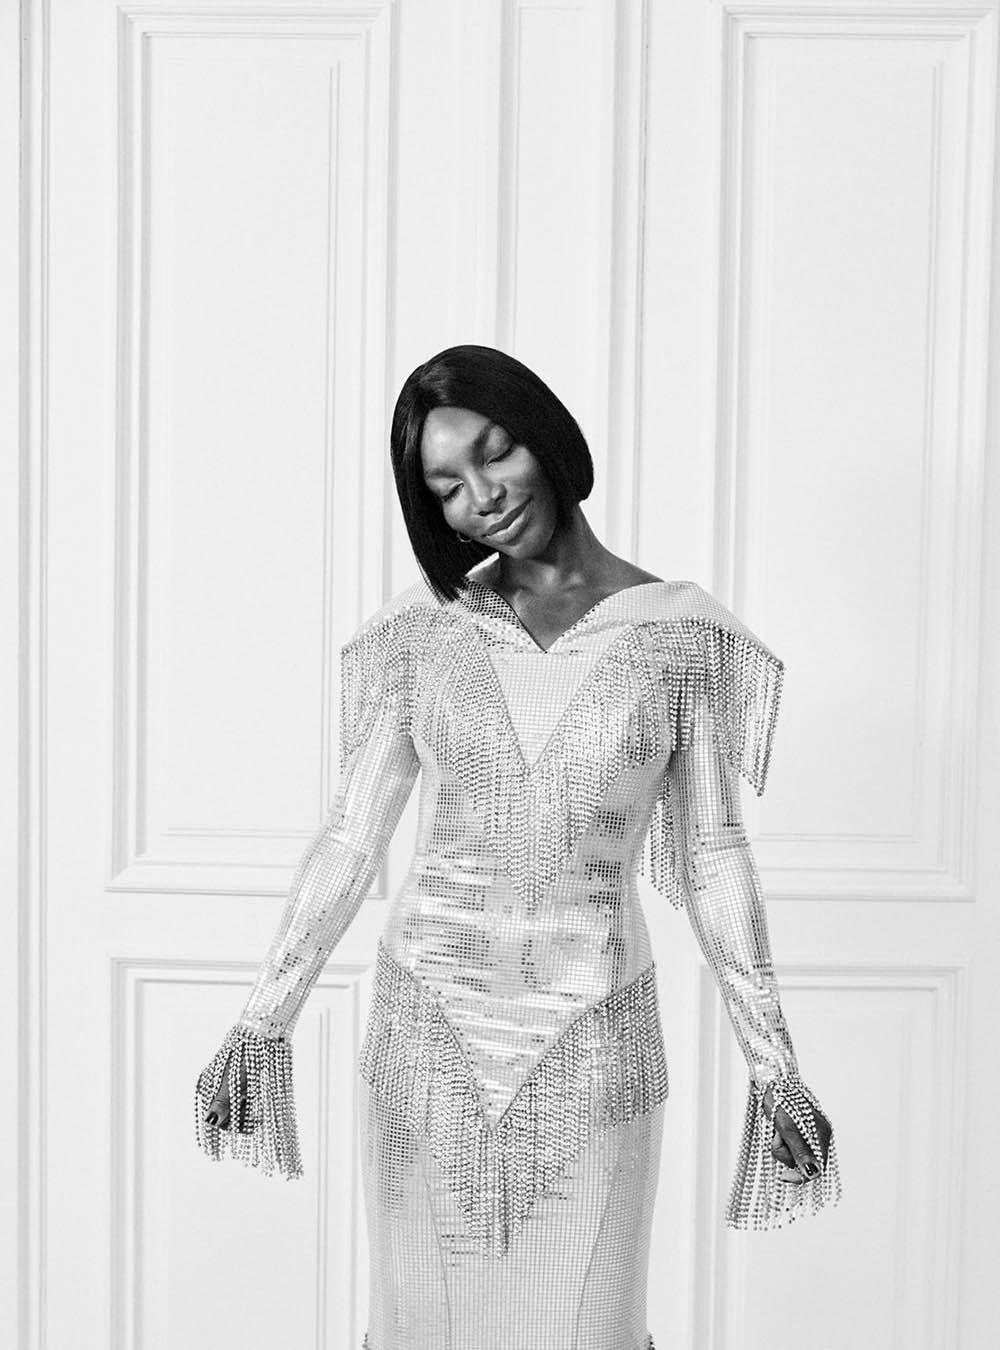 Michaela Coel by Josh Shinner for Harper's Bazaar UK December 2020